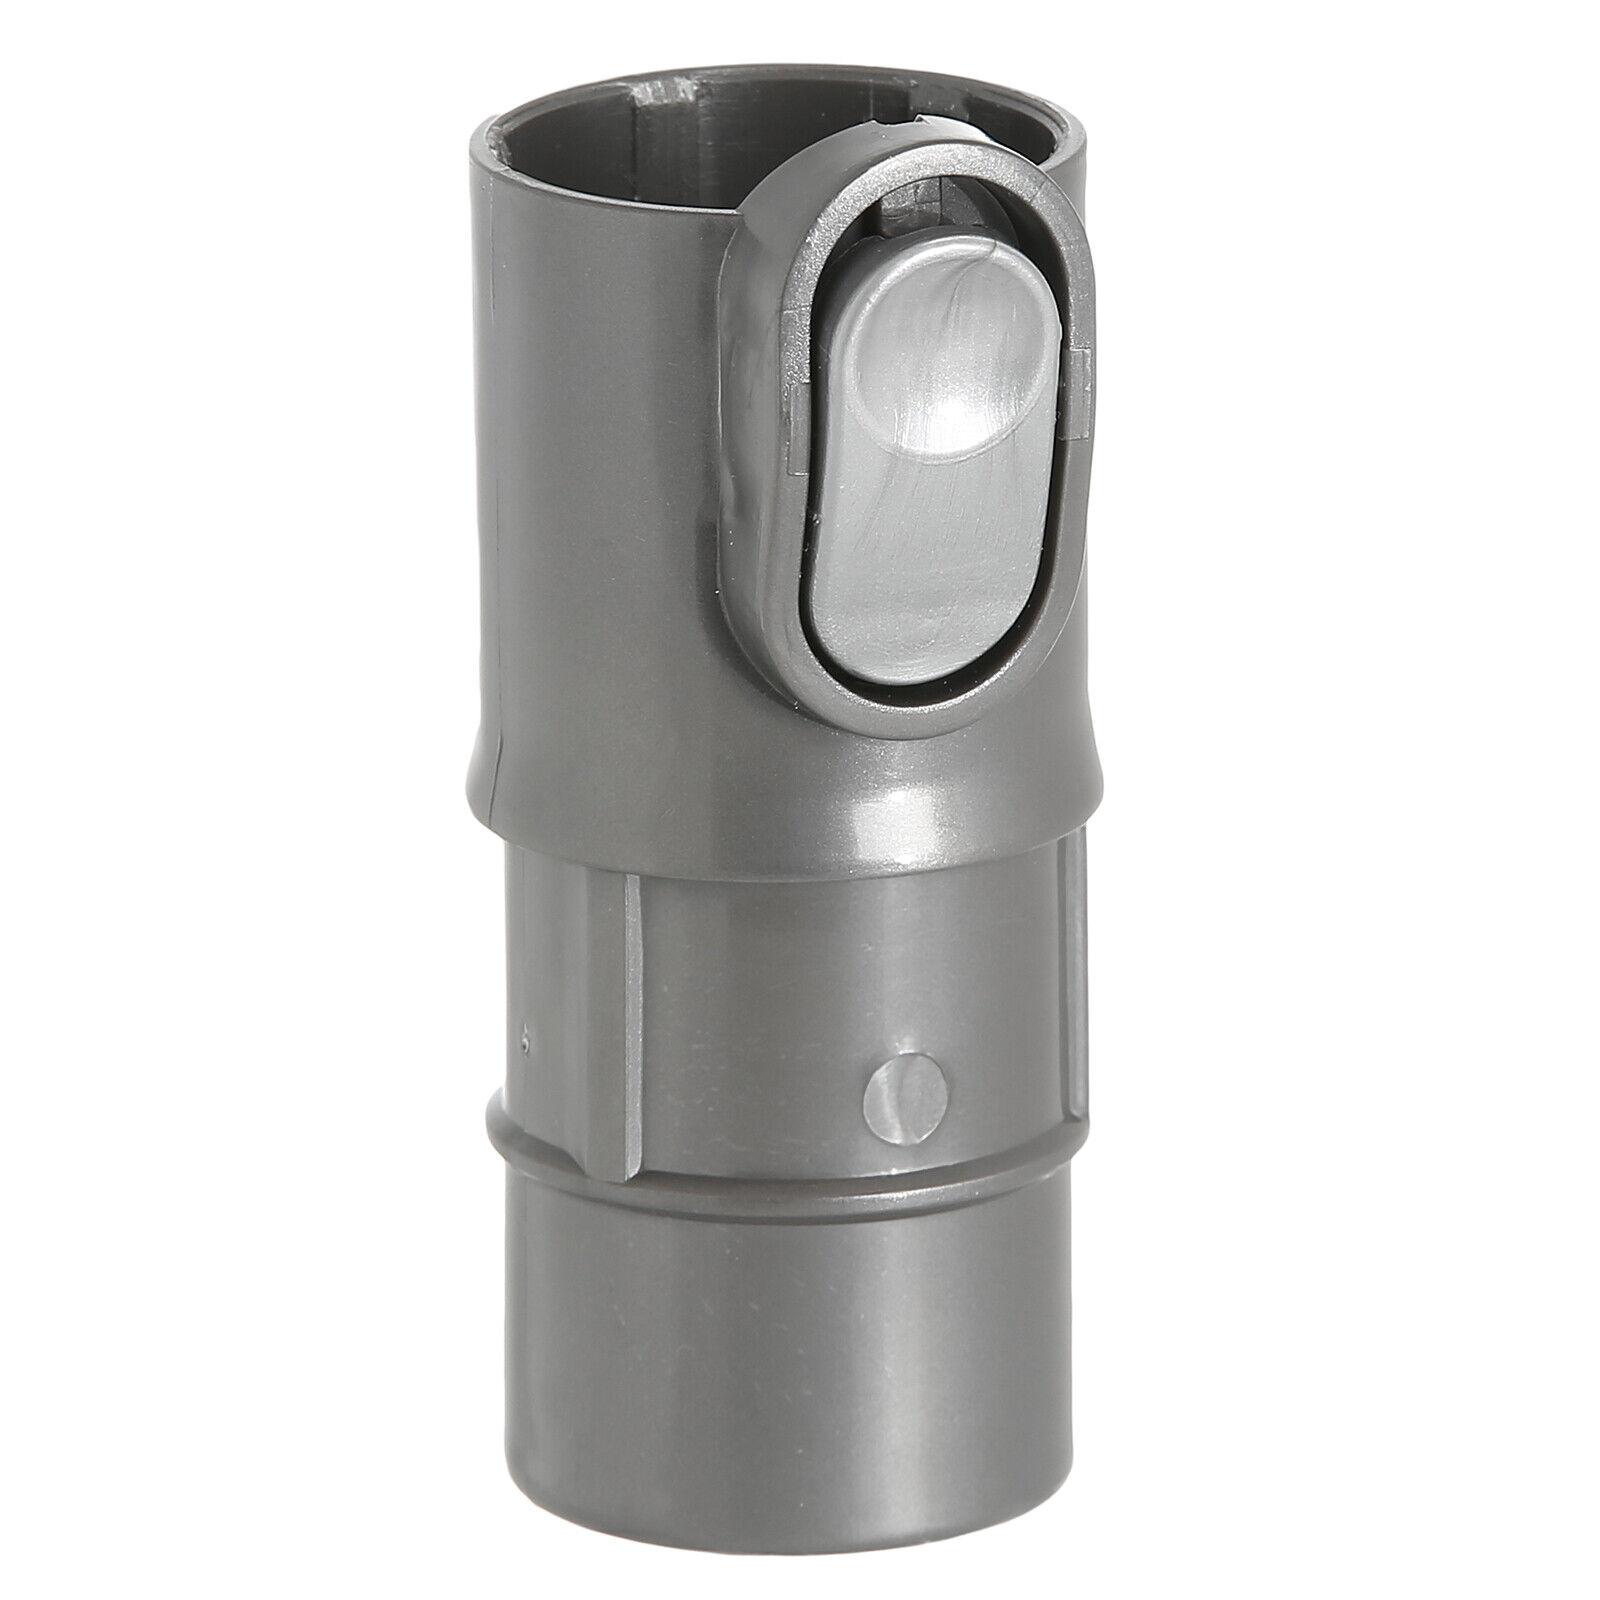 Turbo Brosse Hoover Outil Tête Plancher rollerbrush Accessoire Pour Vax Pour Aspirateur 32 mm